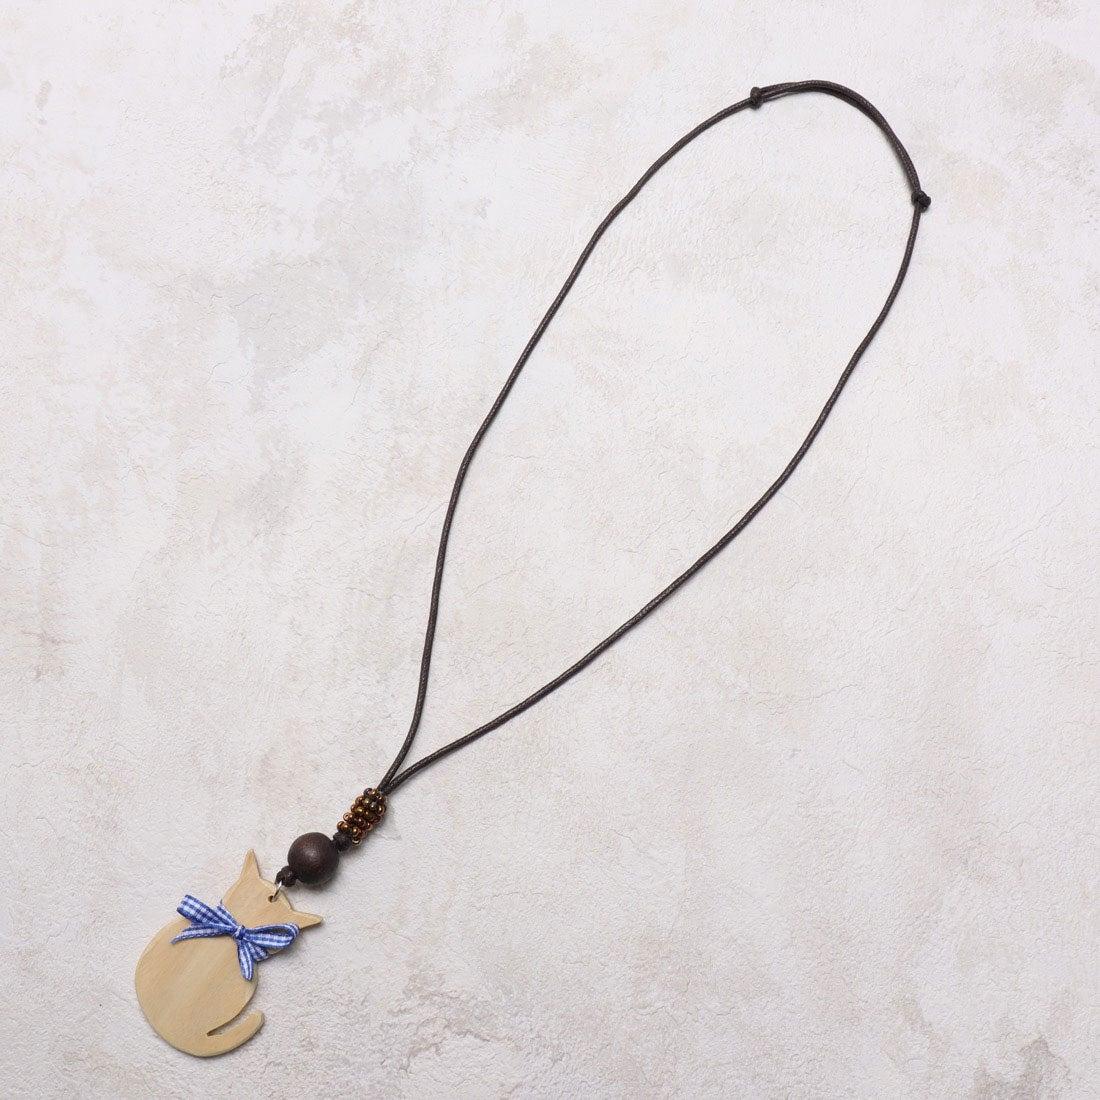 ロコンド 靴とファッションの通販サイトカンカン KANKAN かわいいネコトップネックレス (ナチュラル)